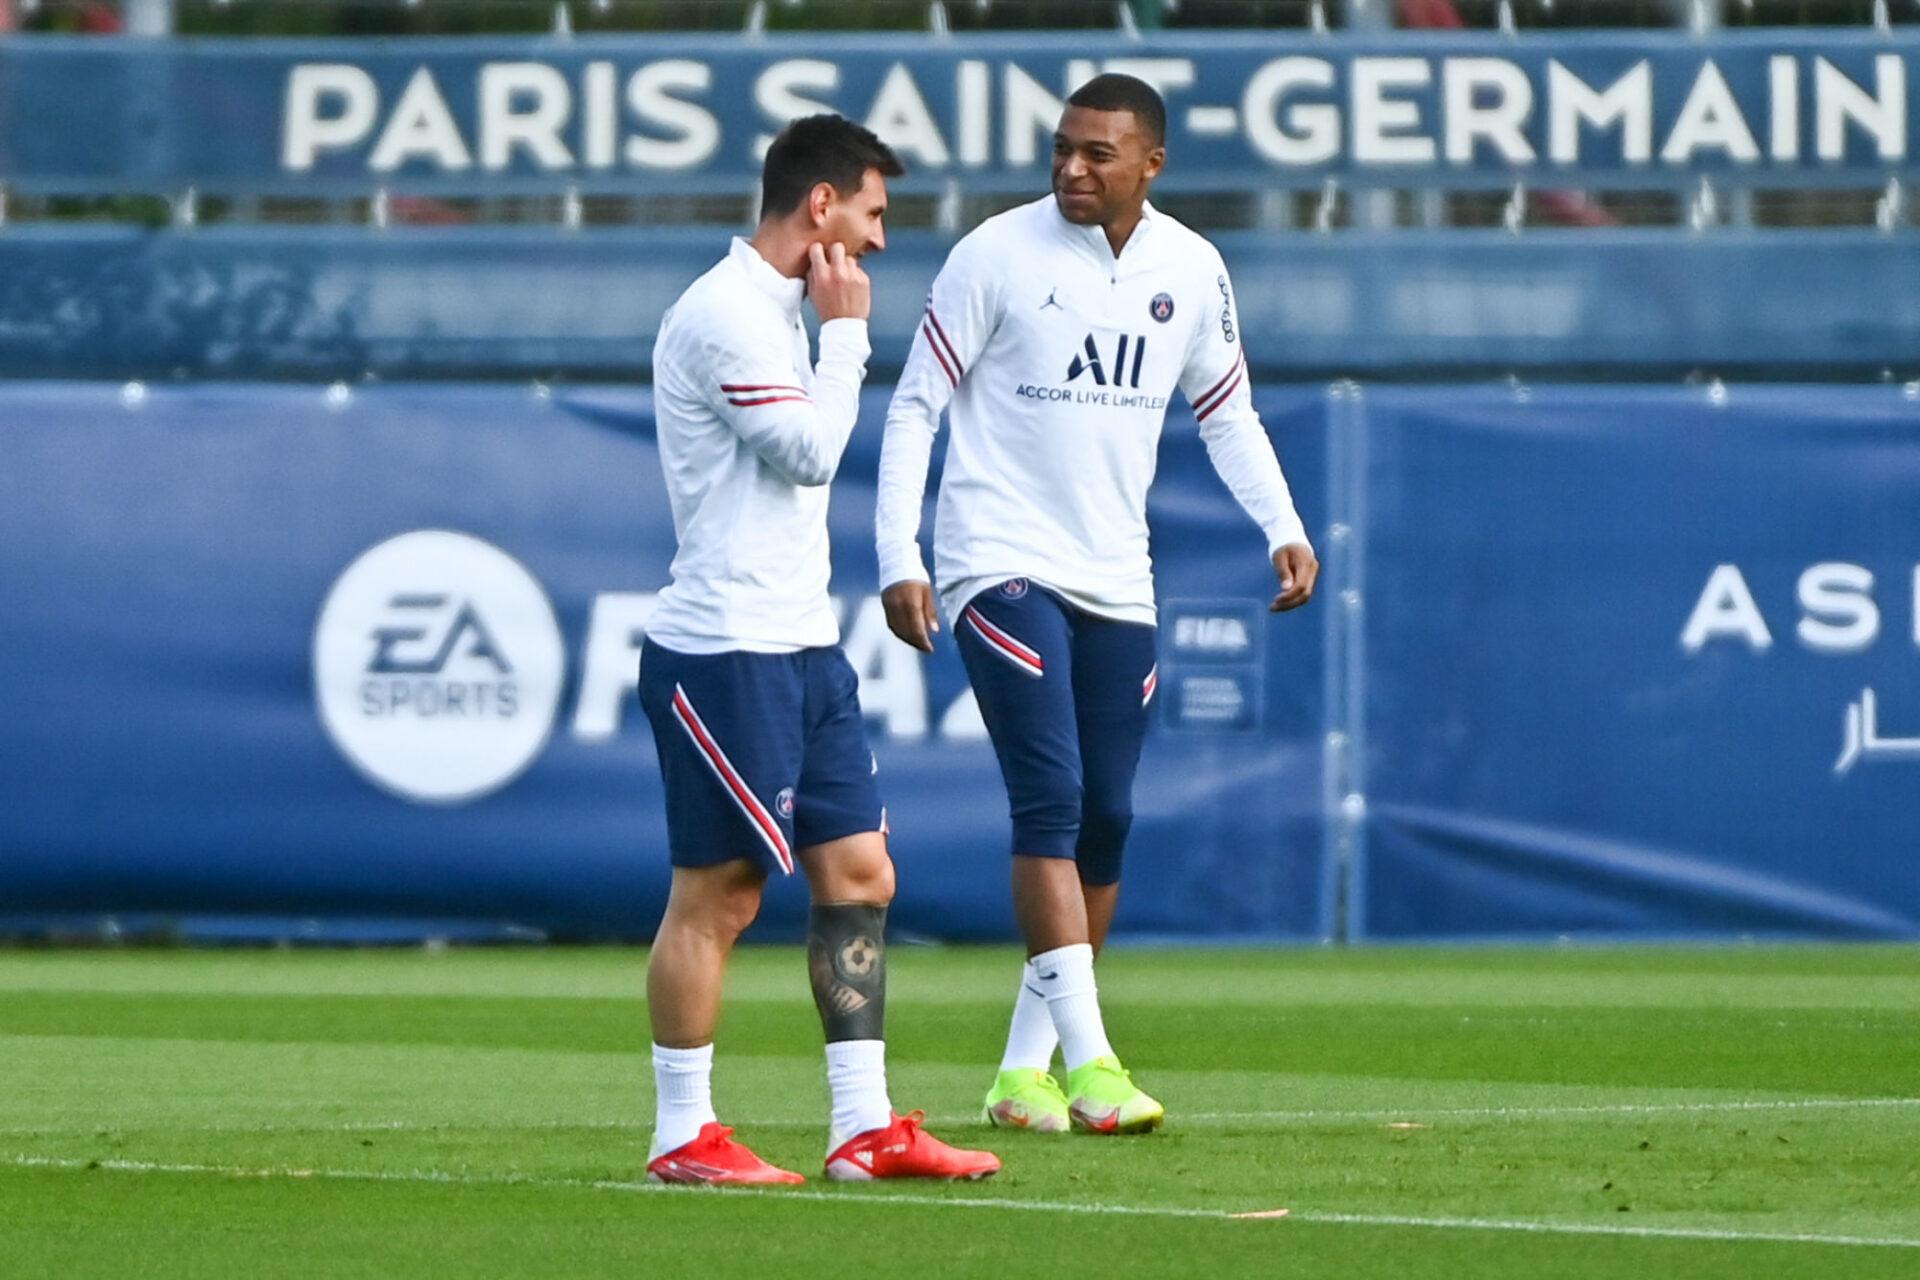 Kylian Mbappé s'amuse comme un fou avec Lionel Messi comme coéquipier. Icon Sport